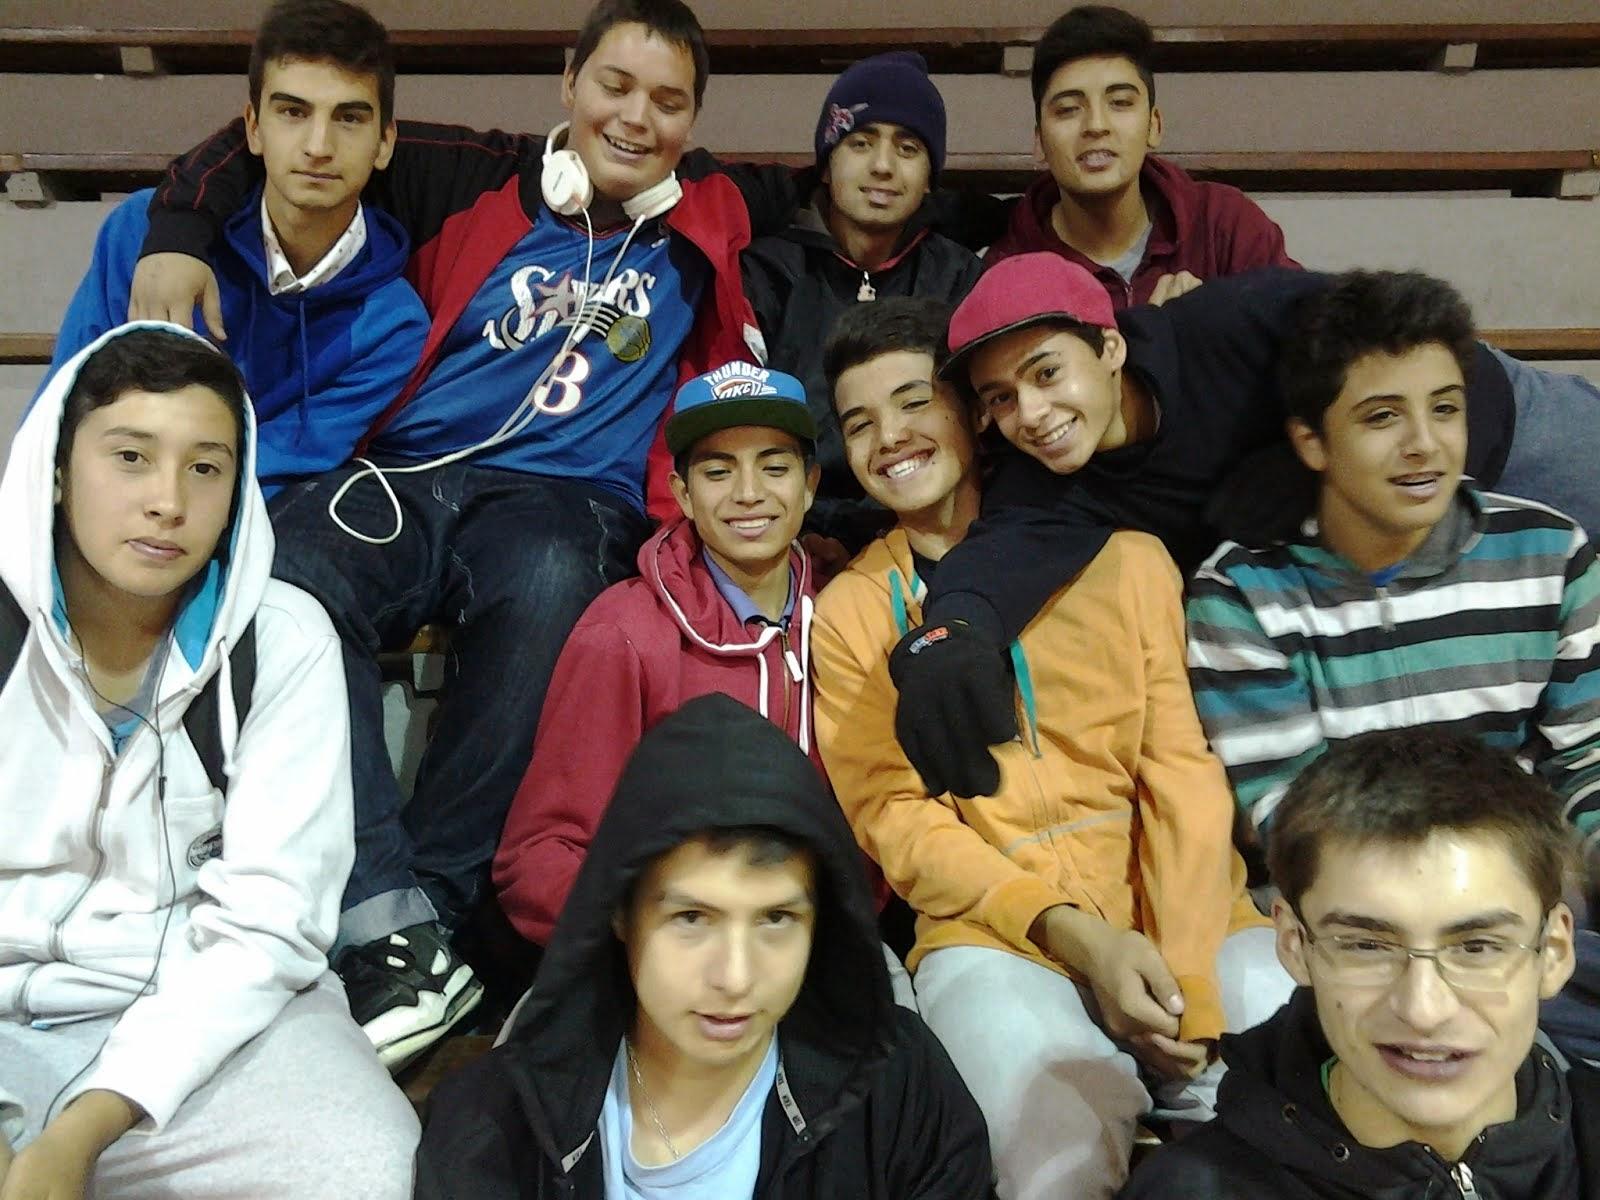 Buen equipo